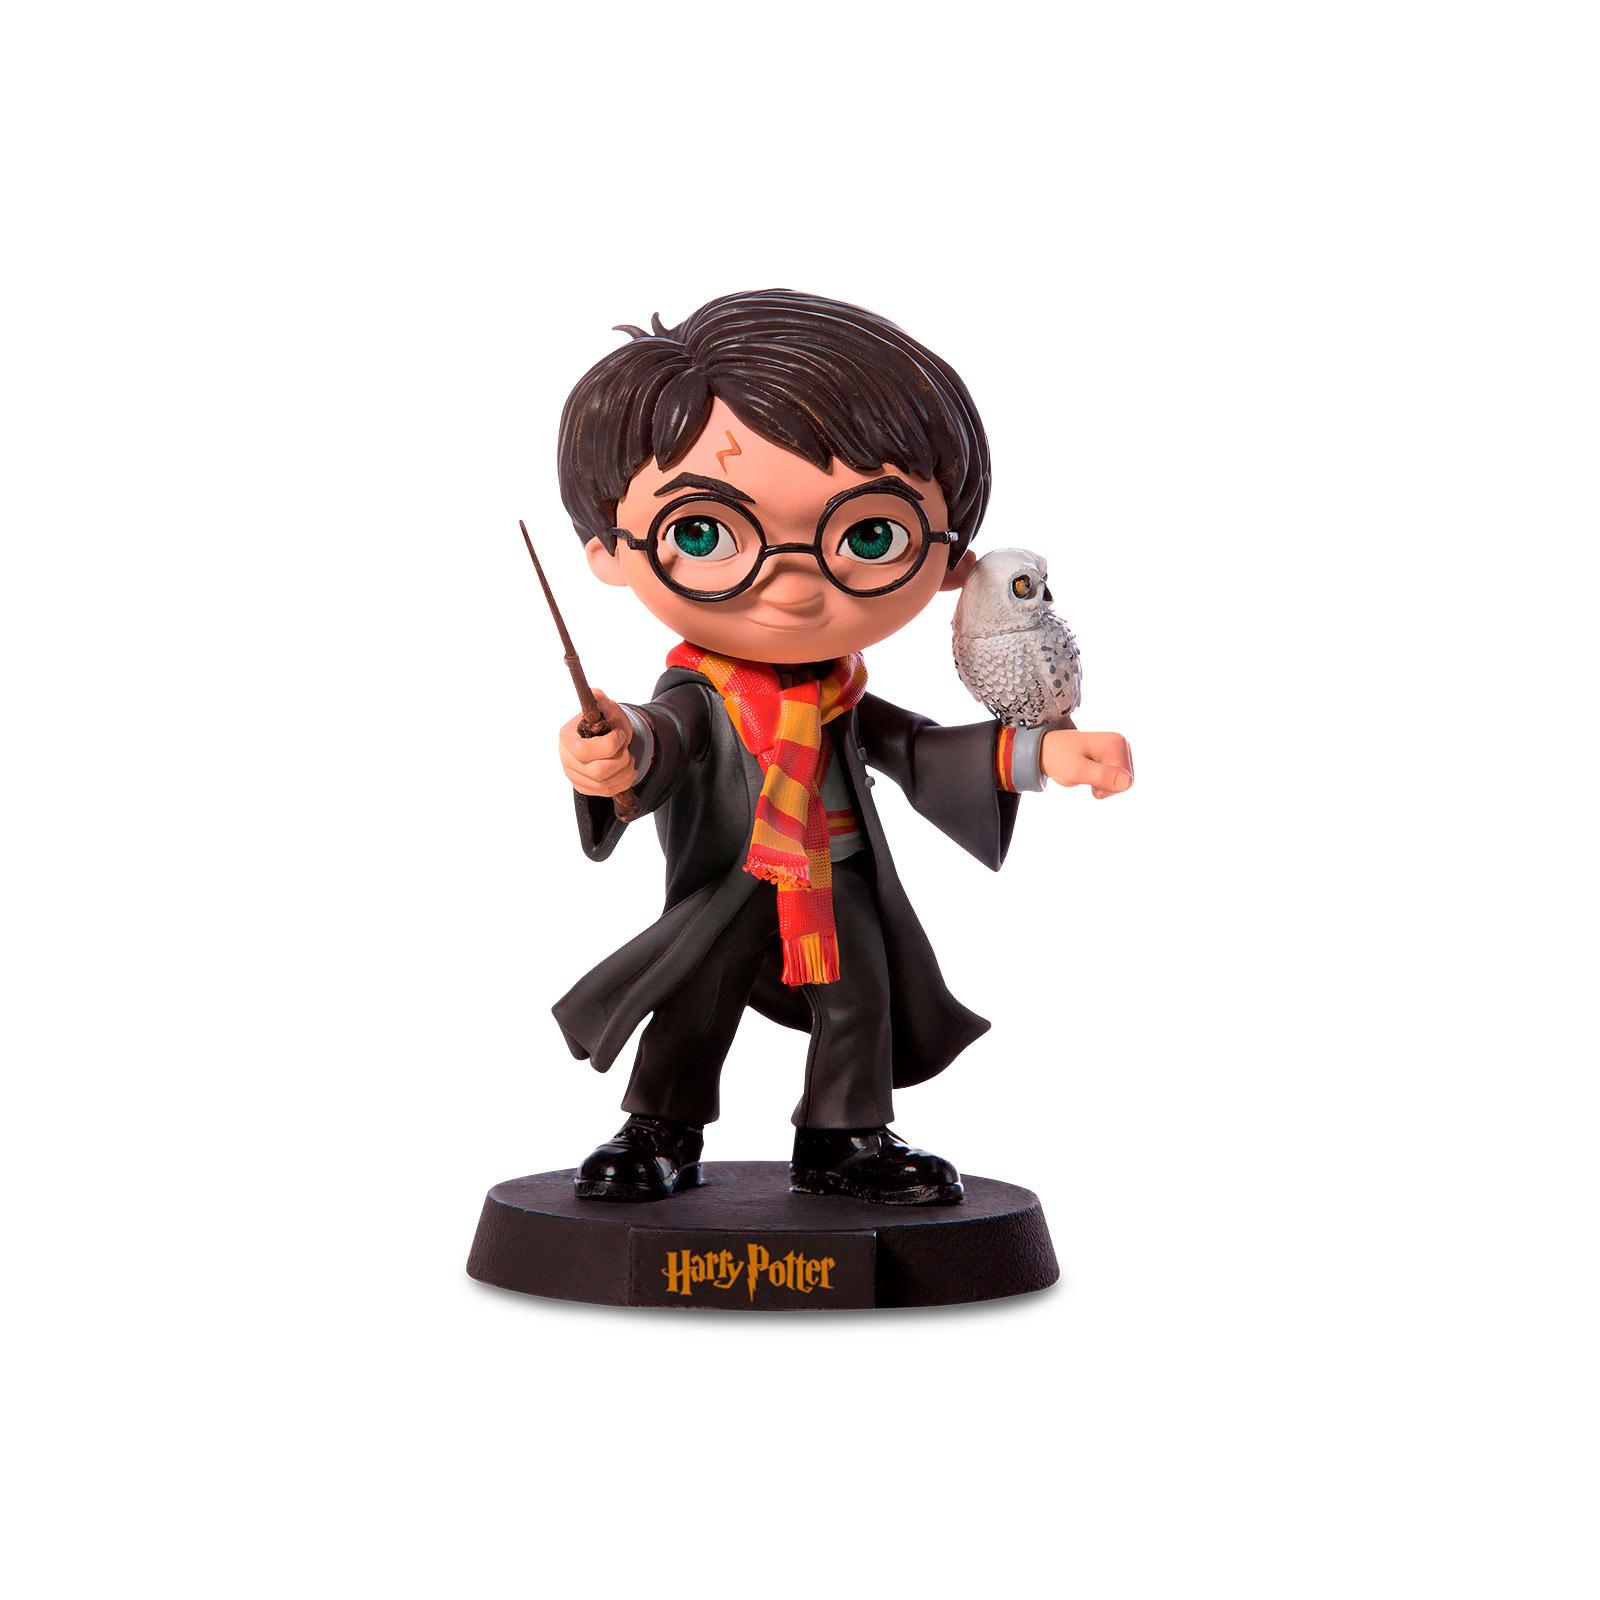 Harry Potter Minico Figur